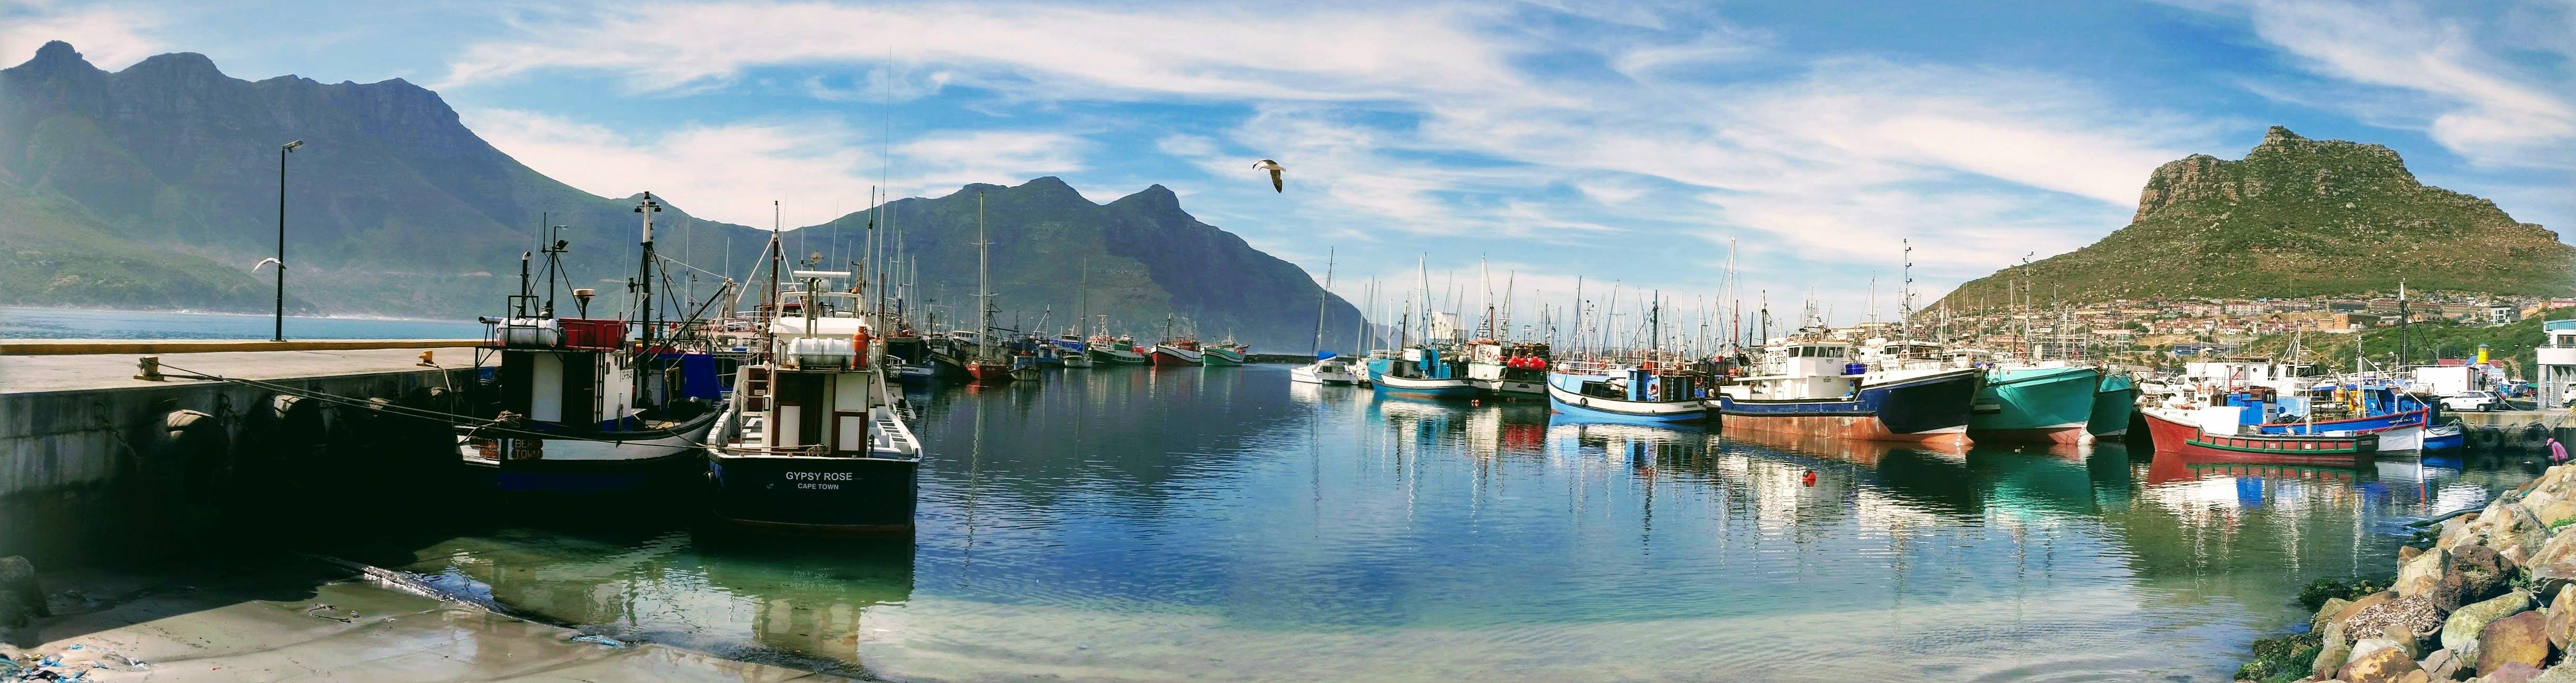 Základová fotografie zdarma na téma čluny, hout bay, Kapské město, panoráma